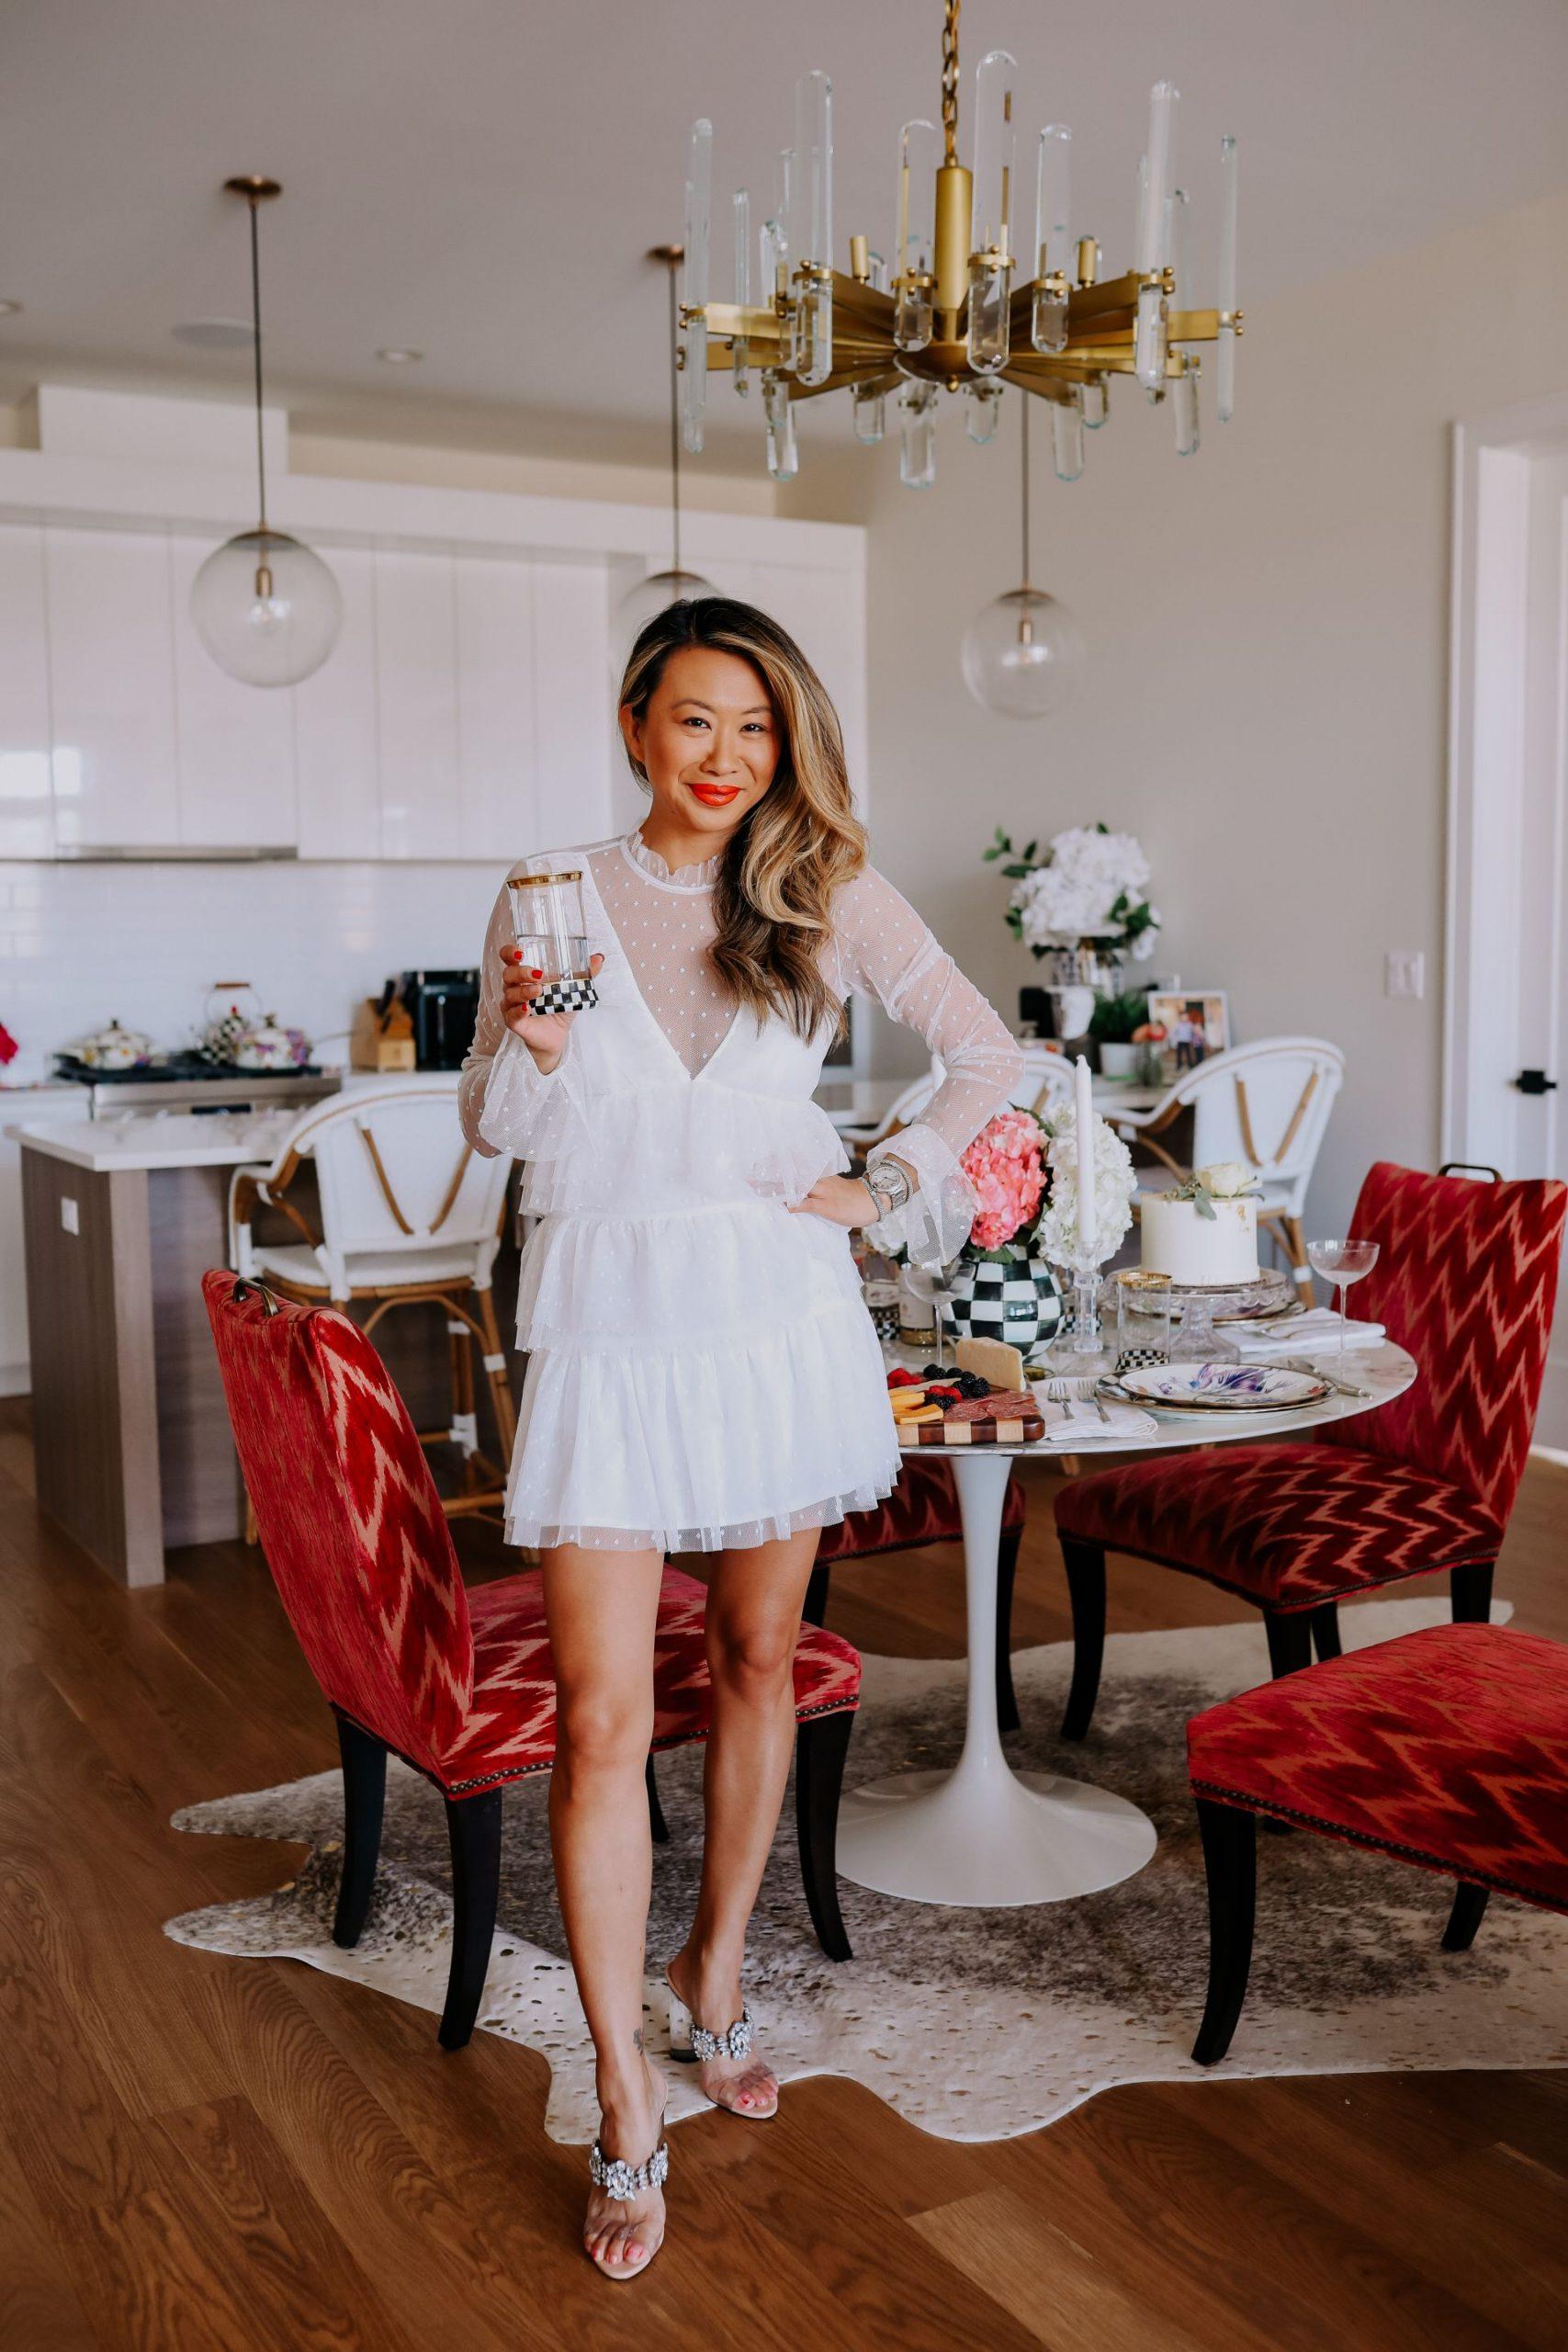 Tango Highball Glass Mackenzie-Childs - stylish and glam glassware